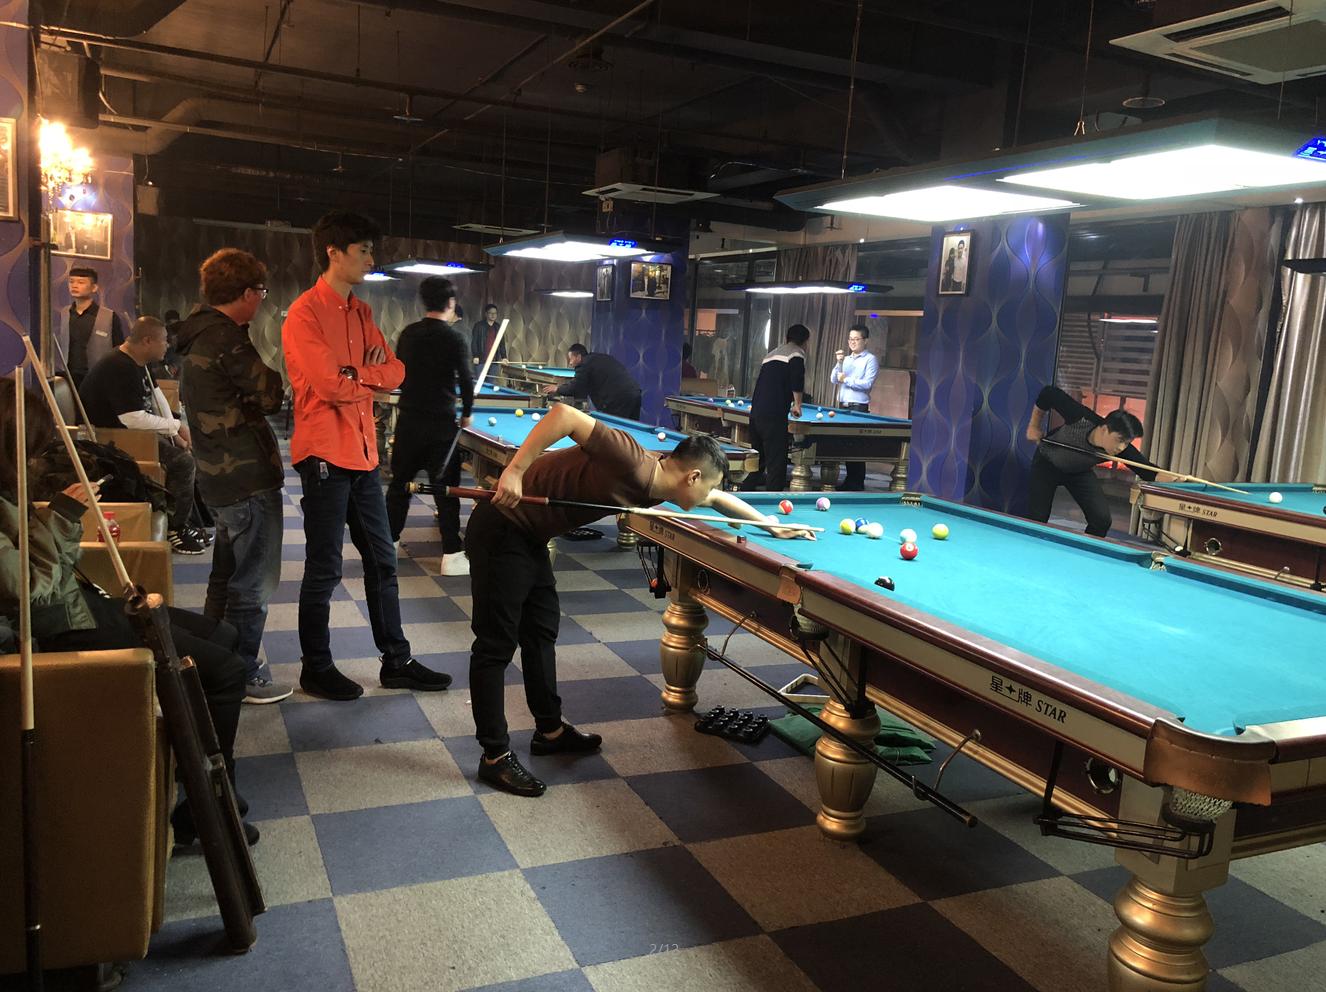 【Star Alliance】Nanjing Zhonghua Road Night Fashion Billiards Club_Xingpai League Ball Room